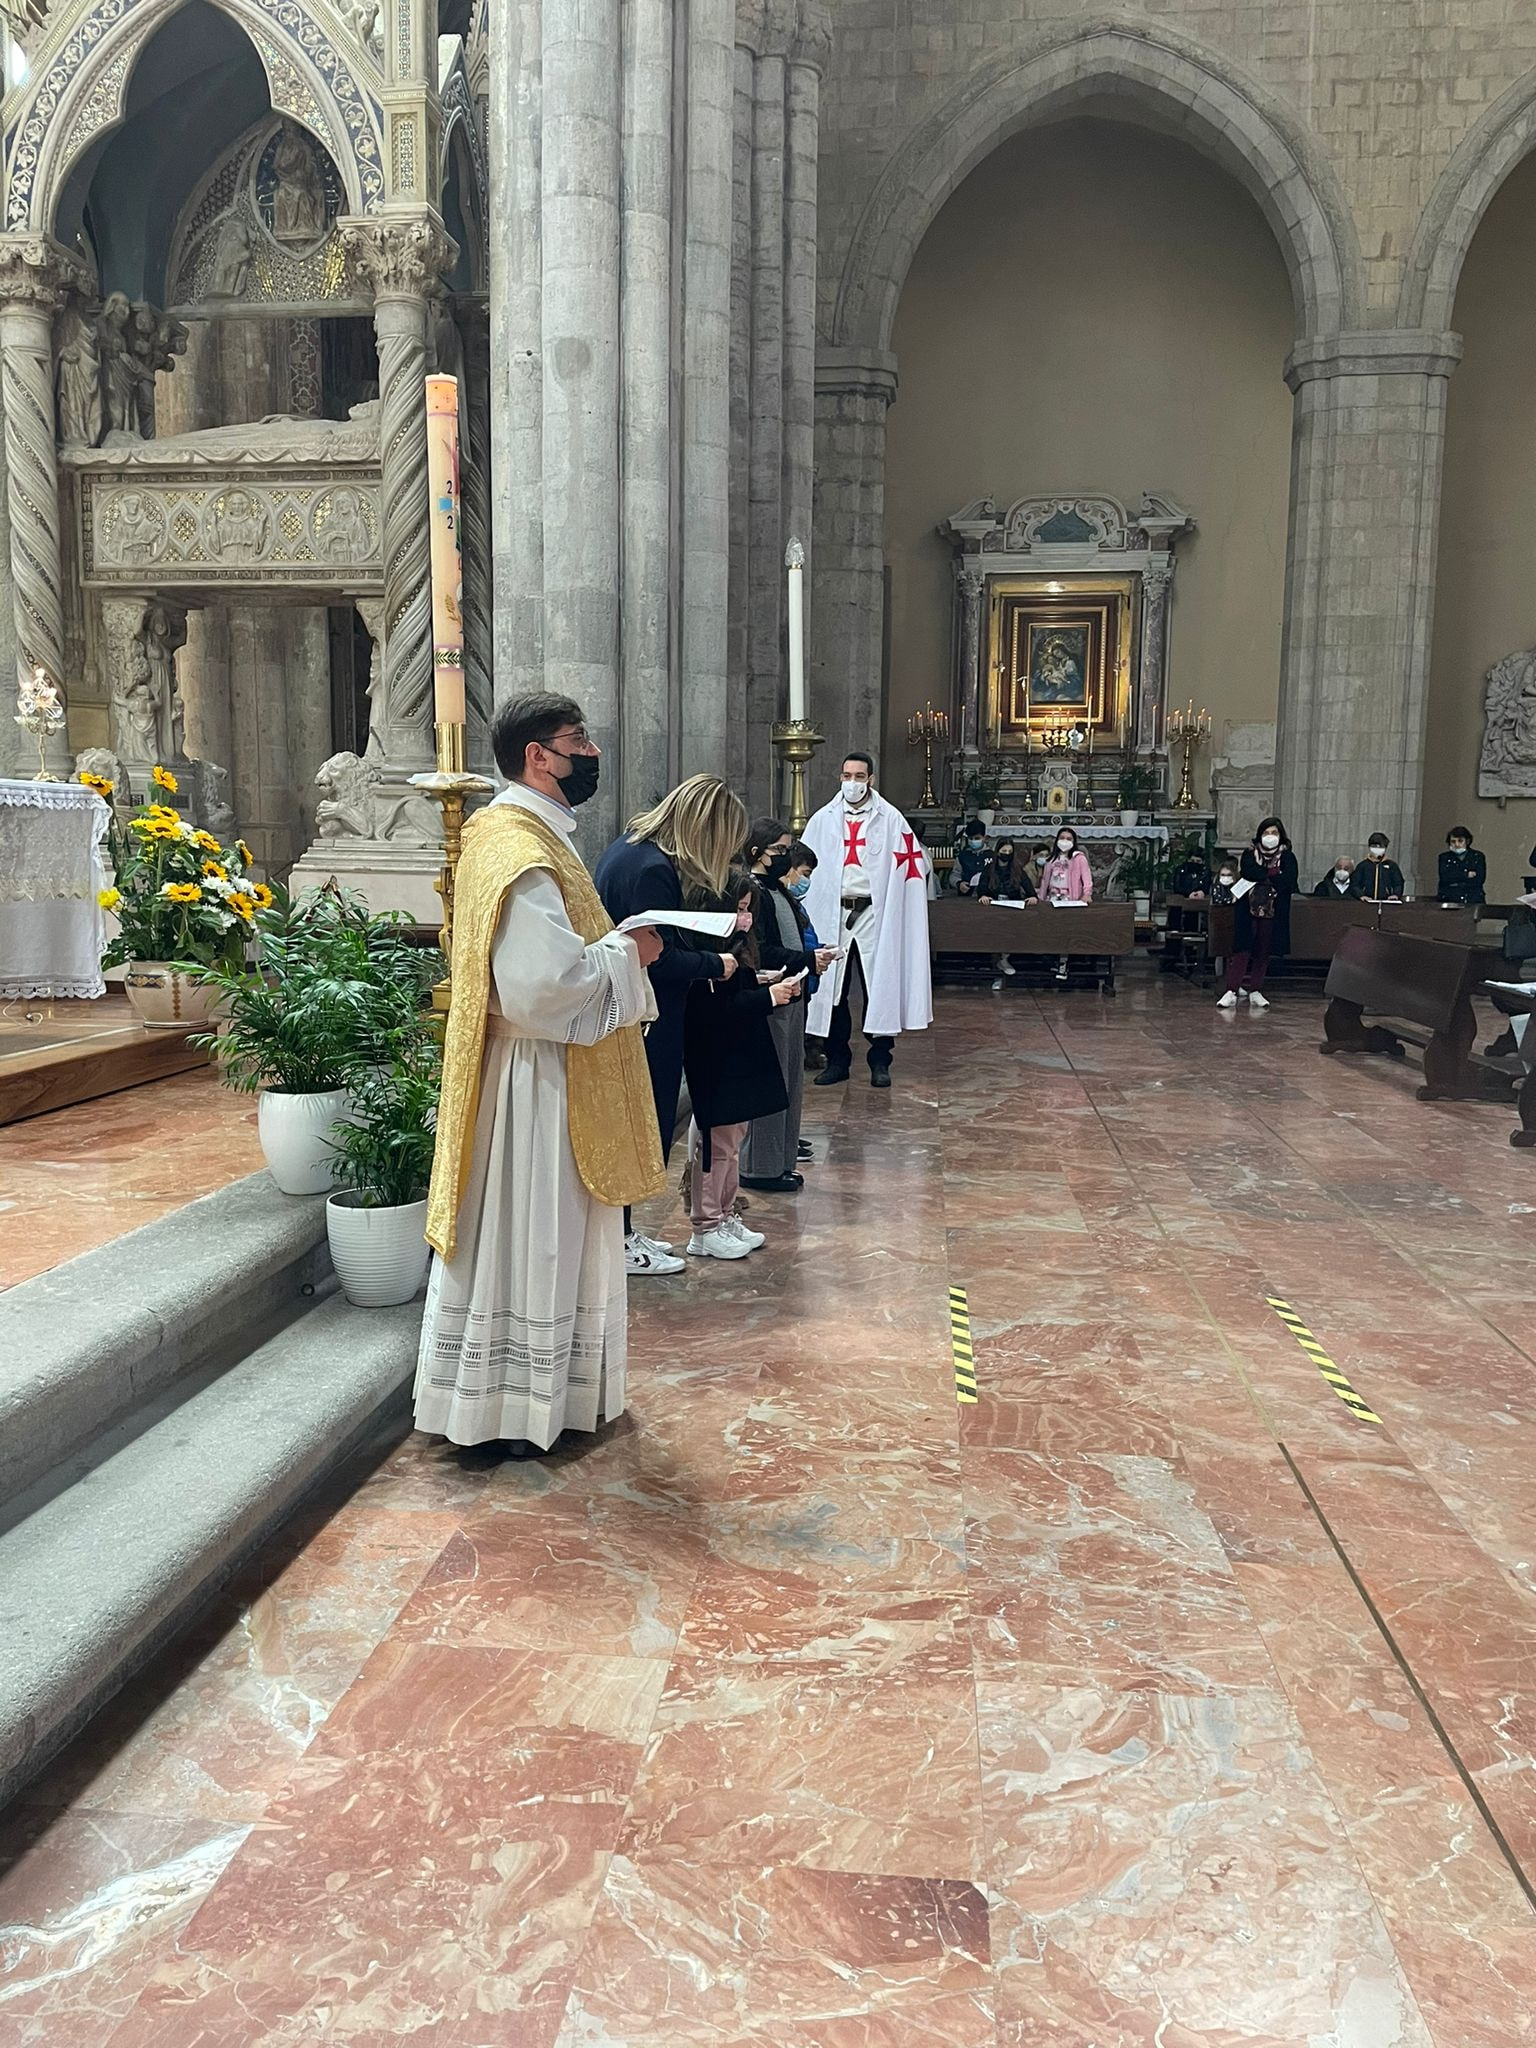 Rito della Santa Messa domenicale presso la Basilica di San Lorenzo Maggiore a Napoli